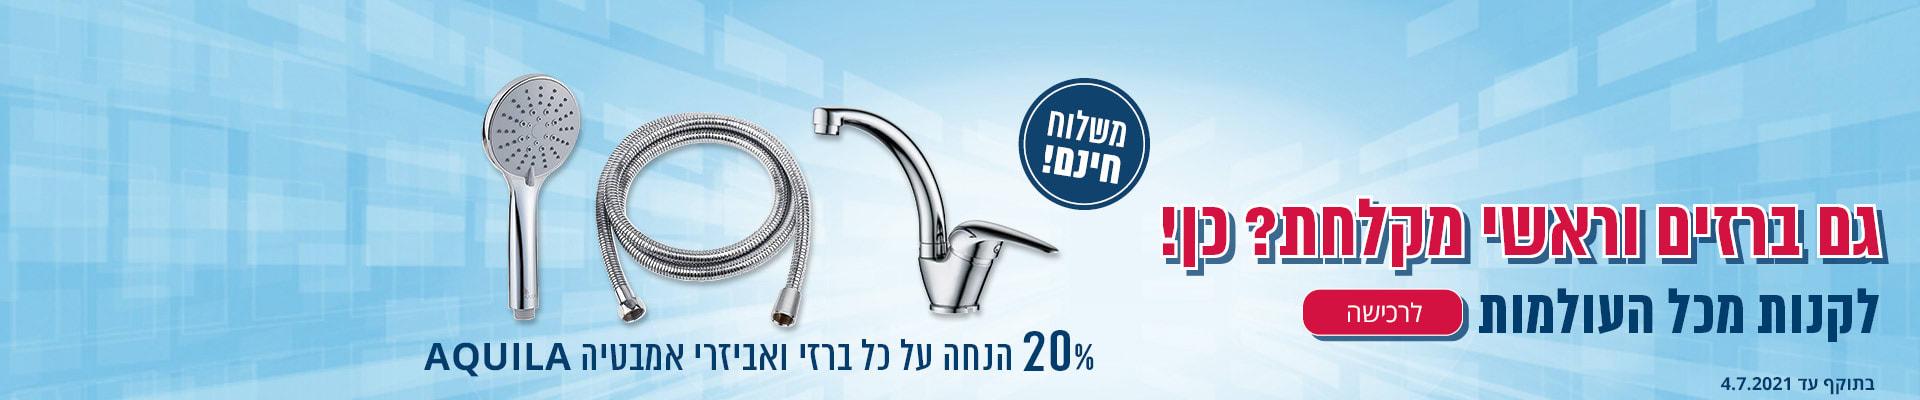 גם ברזים וראשי מקלחת ? כן! לקנות מכל העולמות 20% הנחה על כל ברזי ואביזרי אמבטיה AQUILA משלוח חינם לרכישה בתוקף עד 4.7.2021